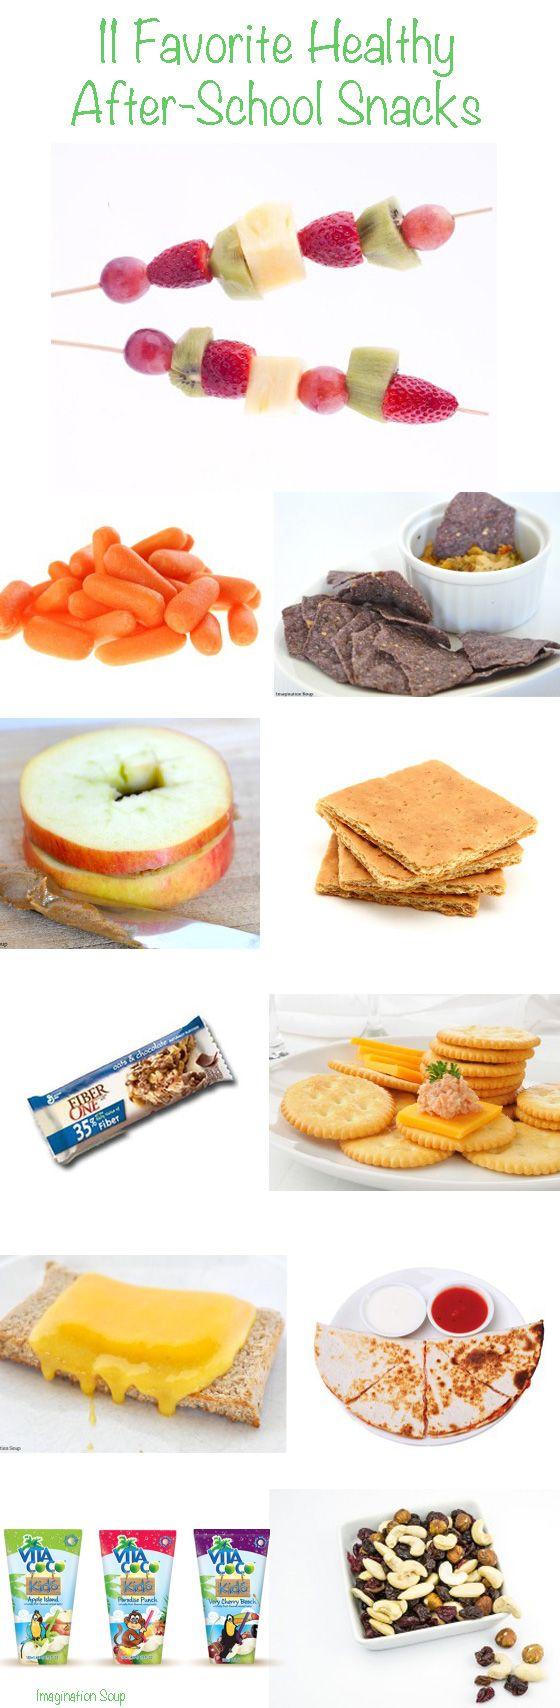 Healthy After School Snacks | Good Eats | Pinterest | Snacks, School snacks and Healthy Snacks